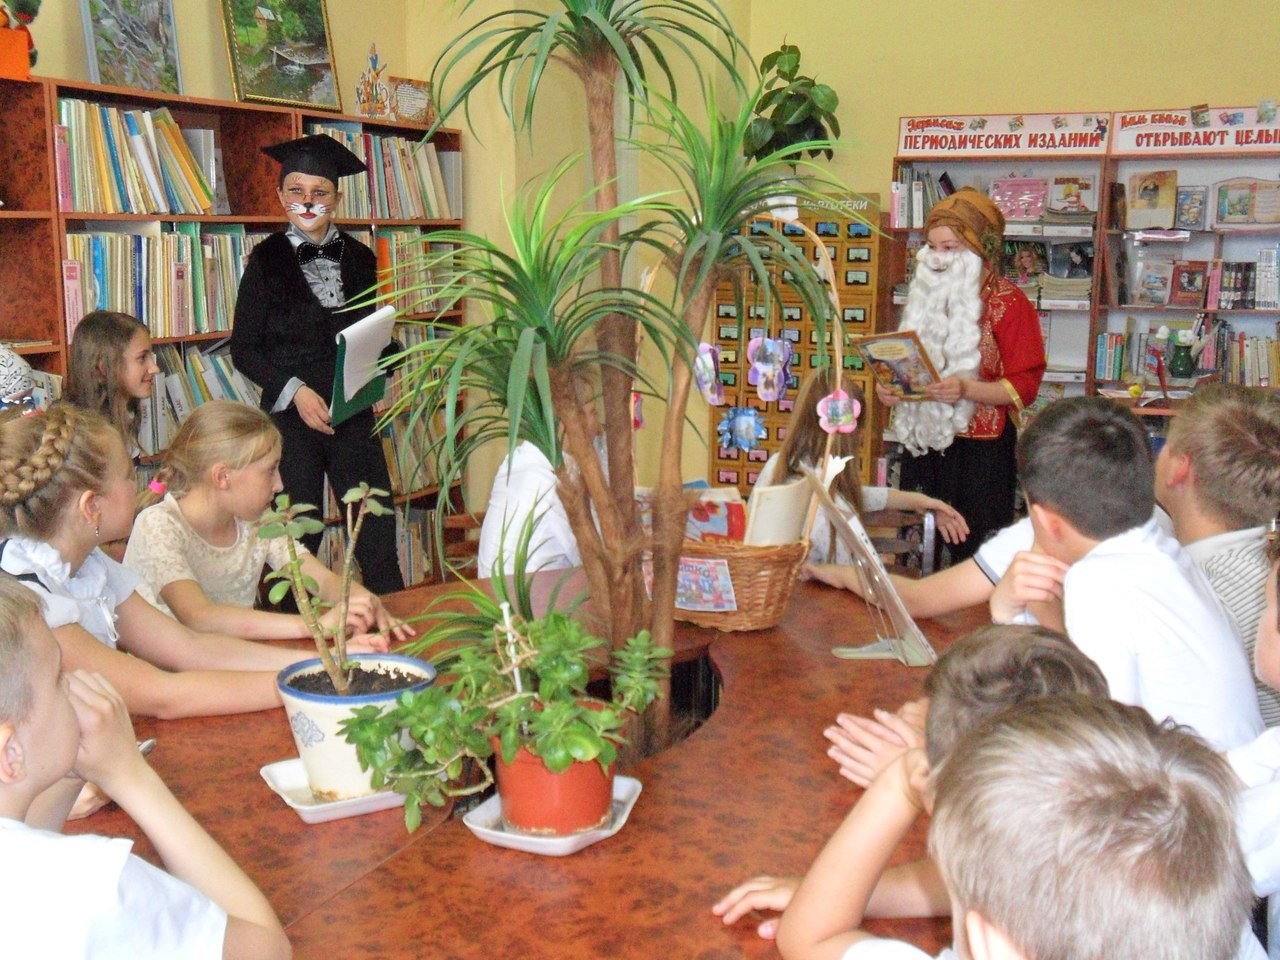 александр пушкин, день словянской письменности, донецкая республиканская библиотека для детей, отдел обслуживания учащихся 5-9 классов